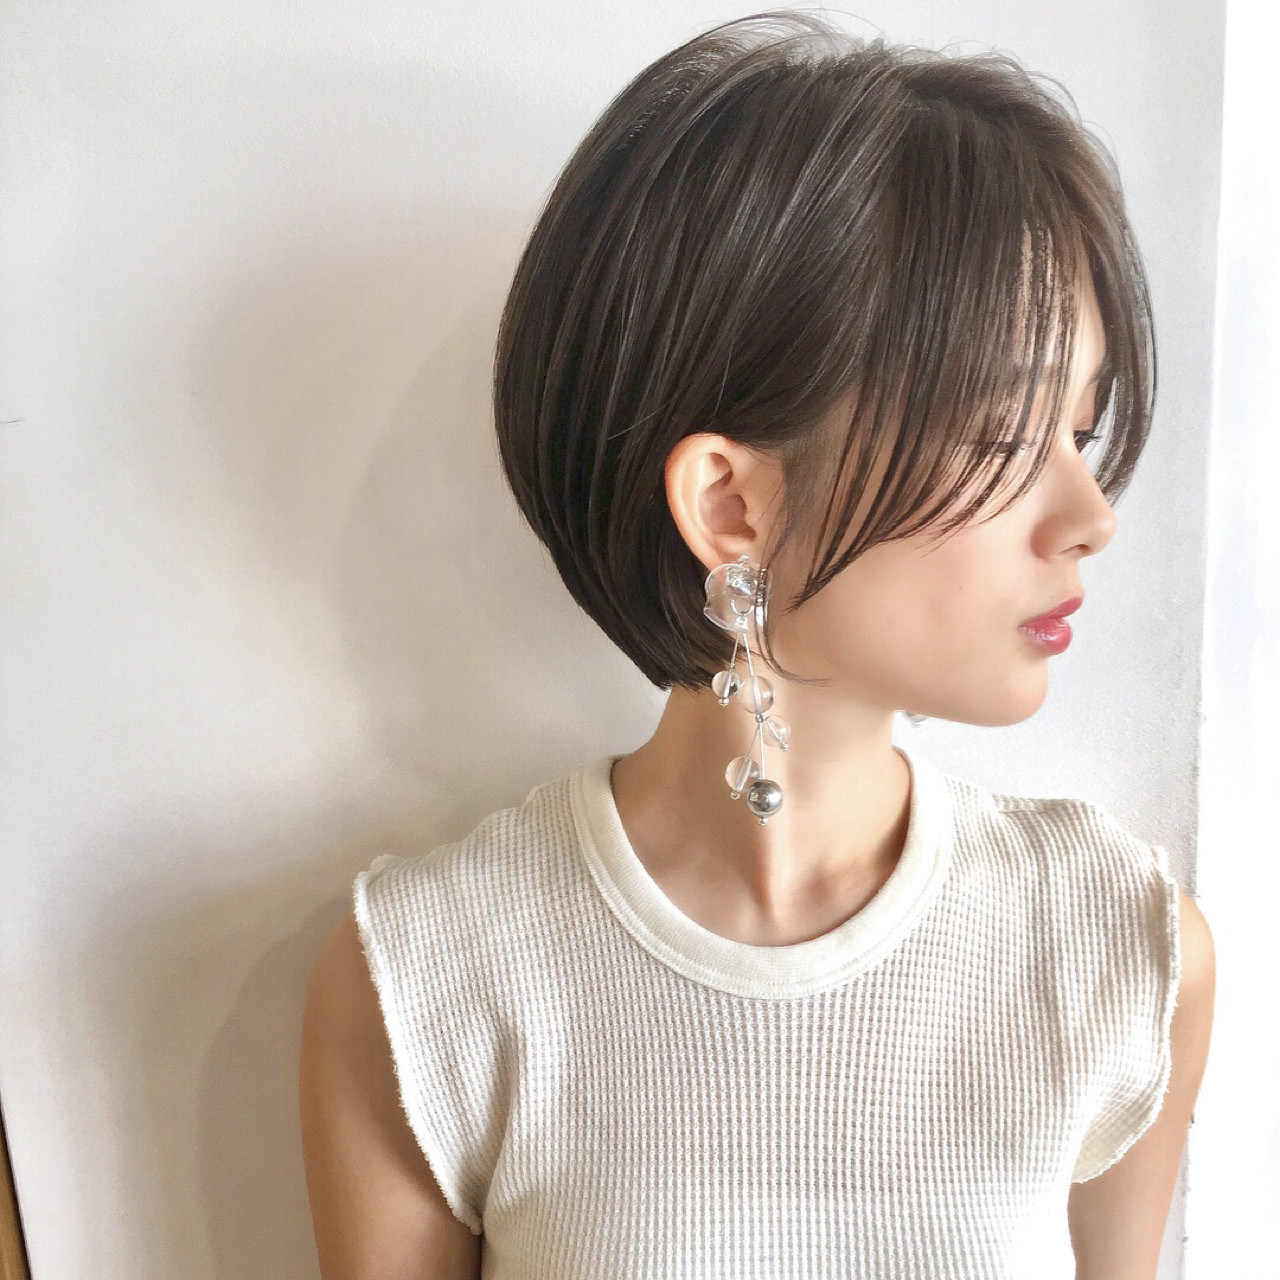 女子力 ナチュラル フェミニン ショート ヘアスタイルや髪型の写真・画像